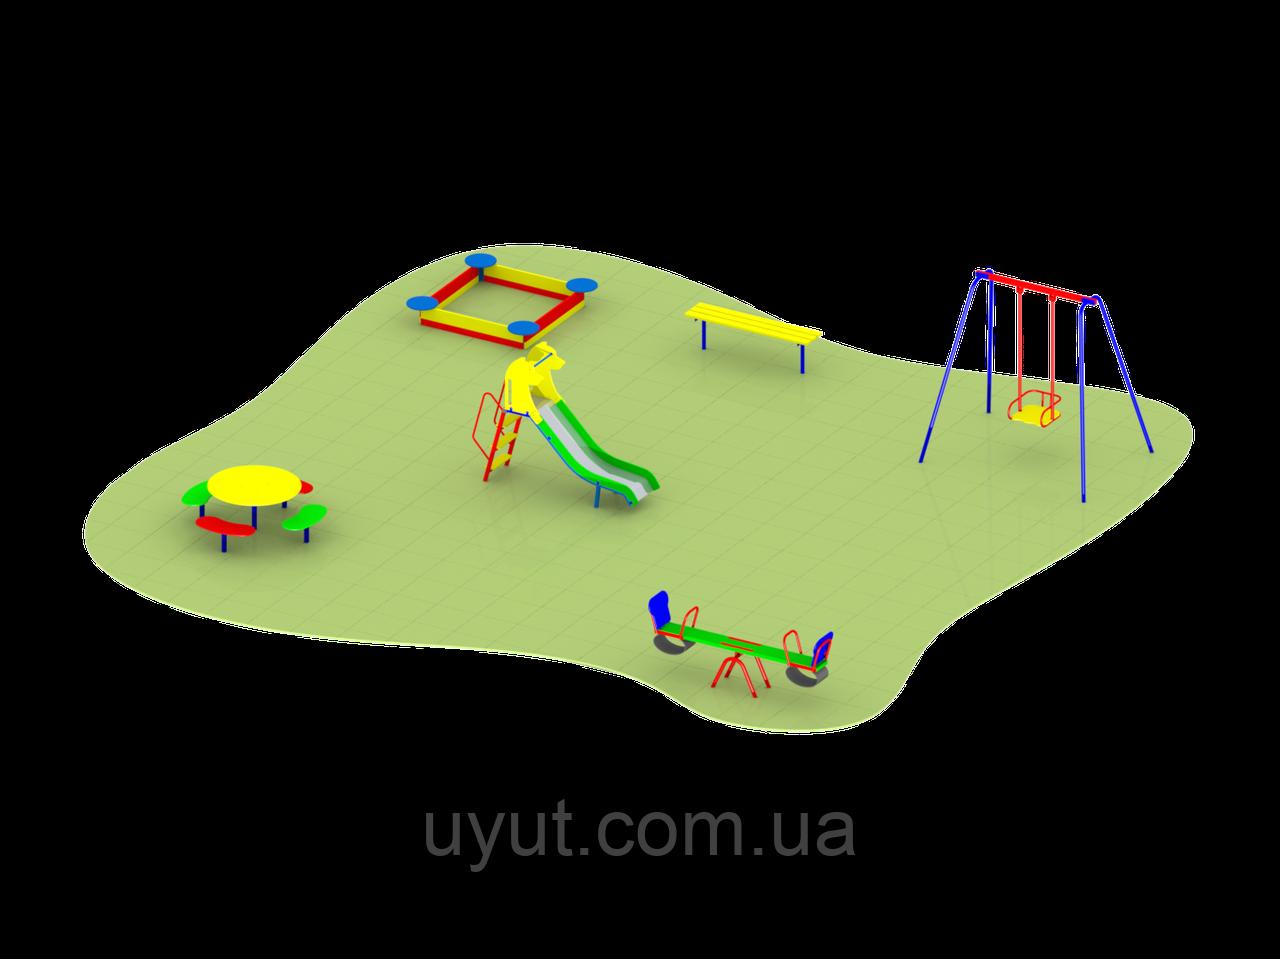 Детские игровые площадки для дачи - Все для уюта в Вашем доме в Киеве